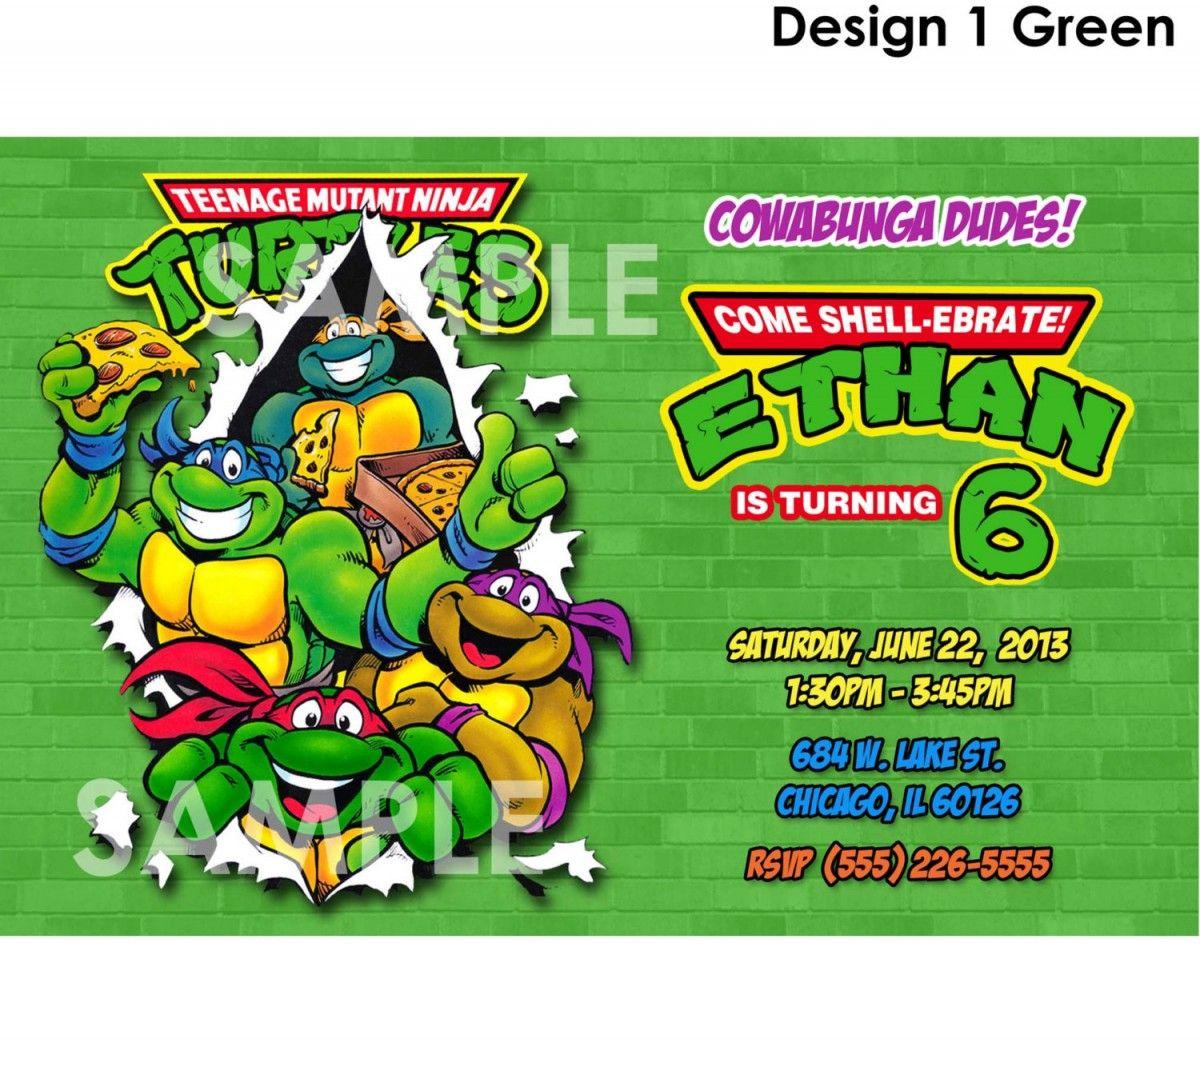 23 Amazing Ninja Turtle Invitations For Kids | Invitations Ideas ...